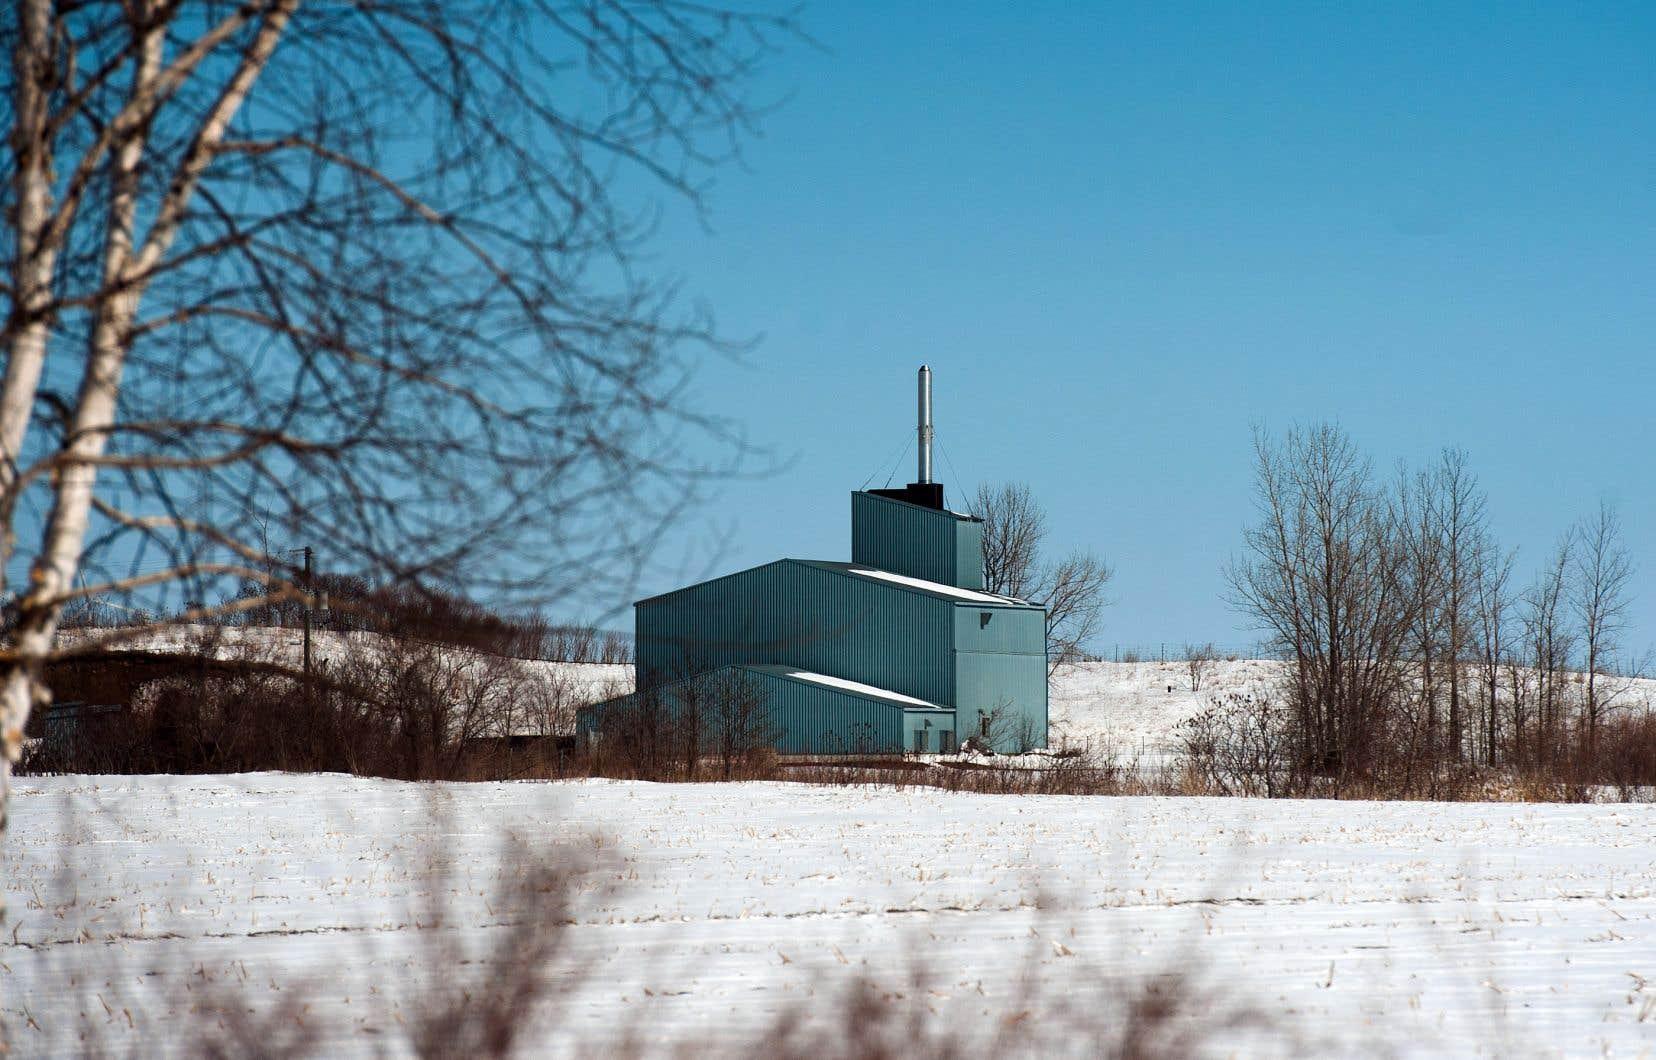 Il faudra attendre 2025 pour qu'une nouvelle usine de traitement des eaux entre en fonction.